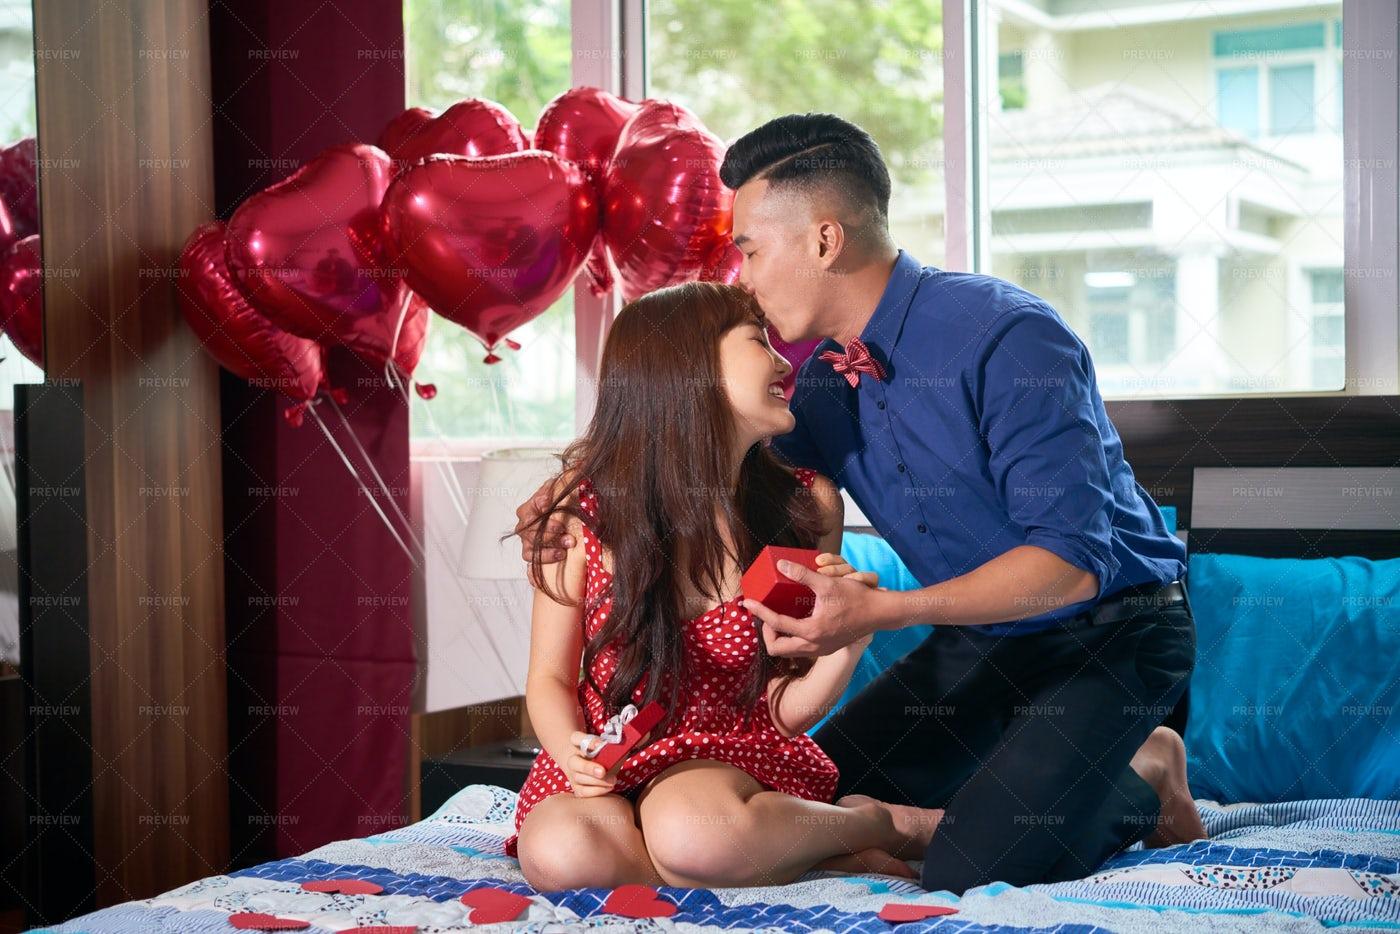 Lovele Couple Celebrating Their: Stock Photos